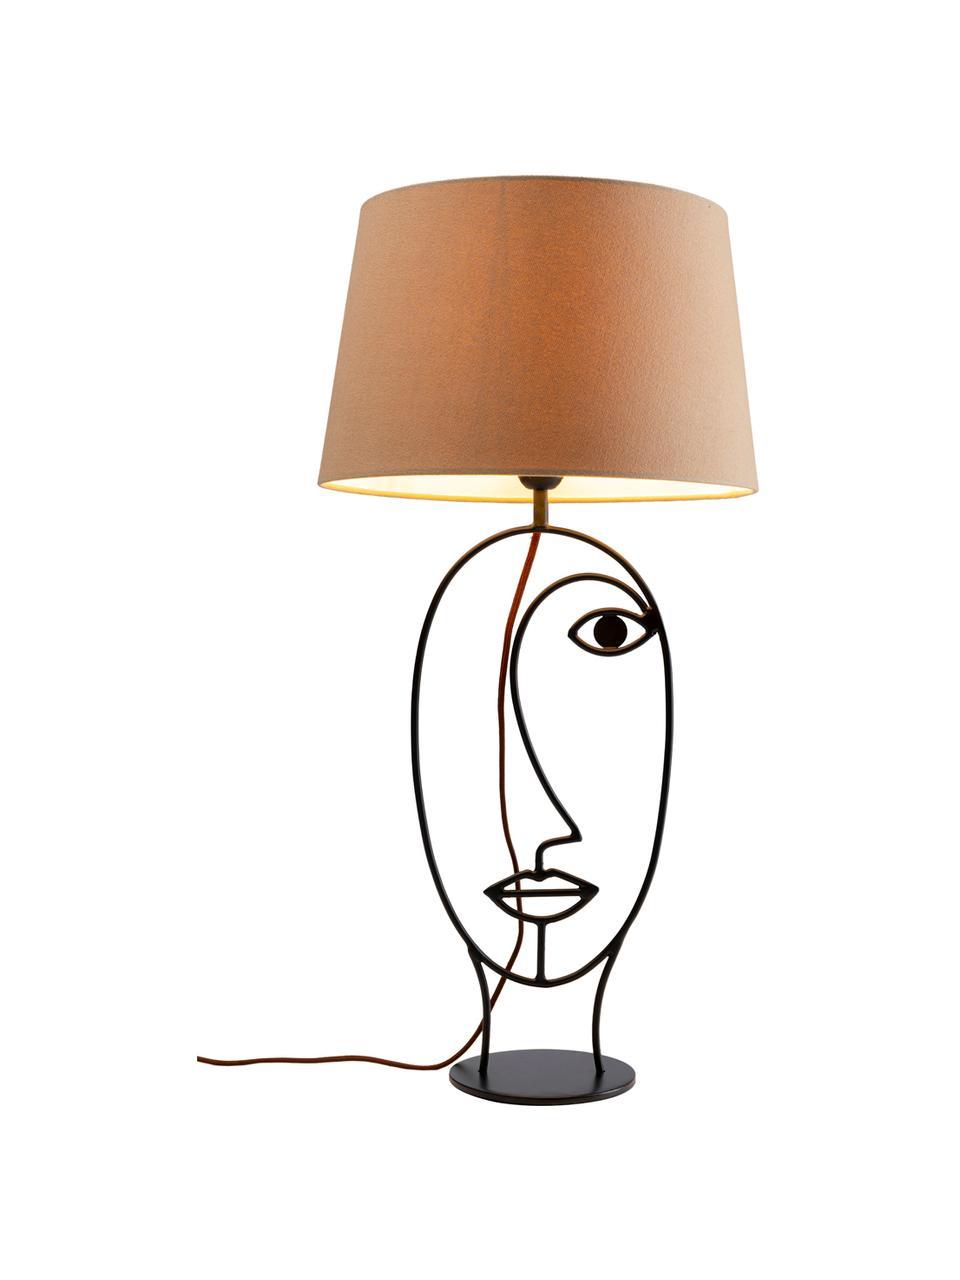 Velká stolní lampa Face Nature, Béžová, černá